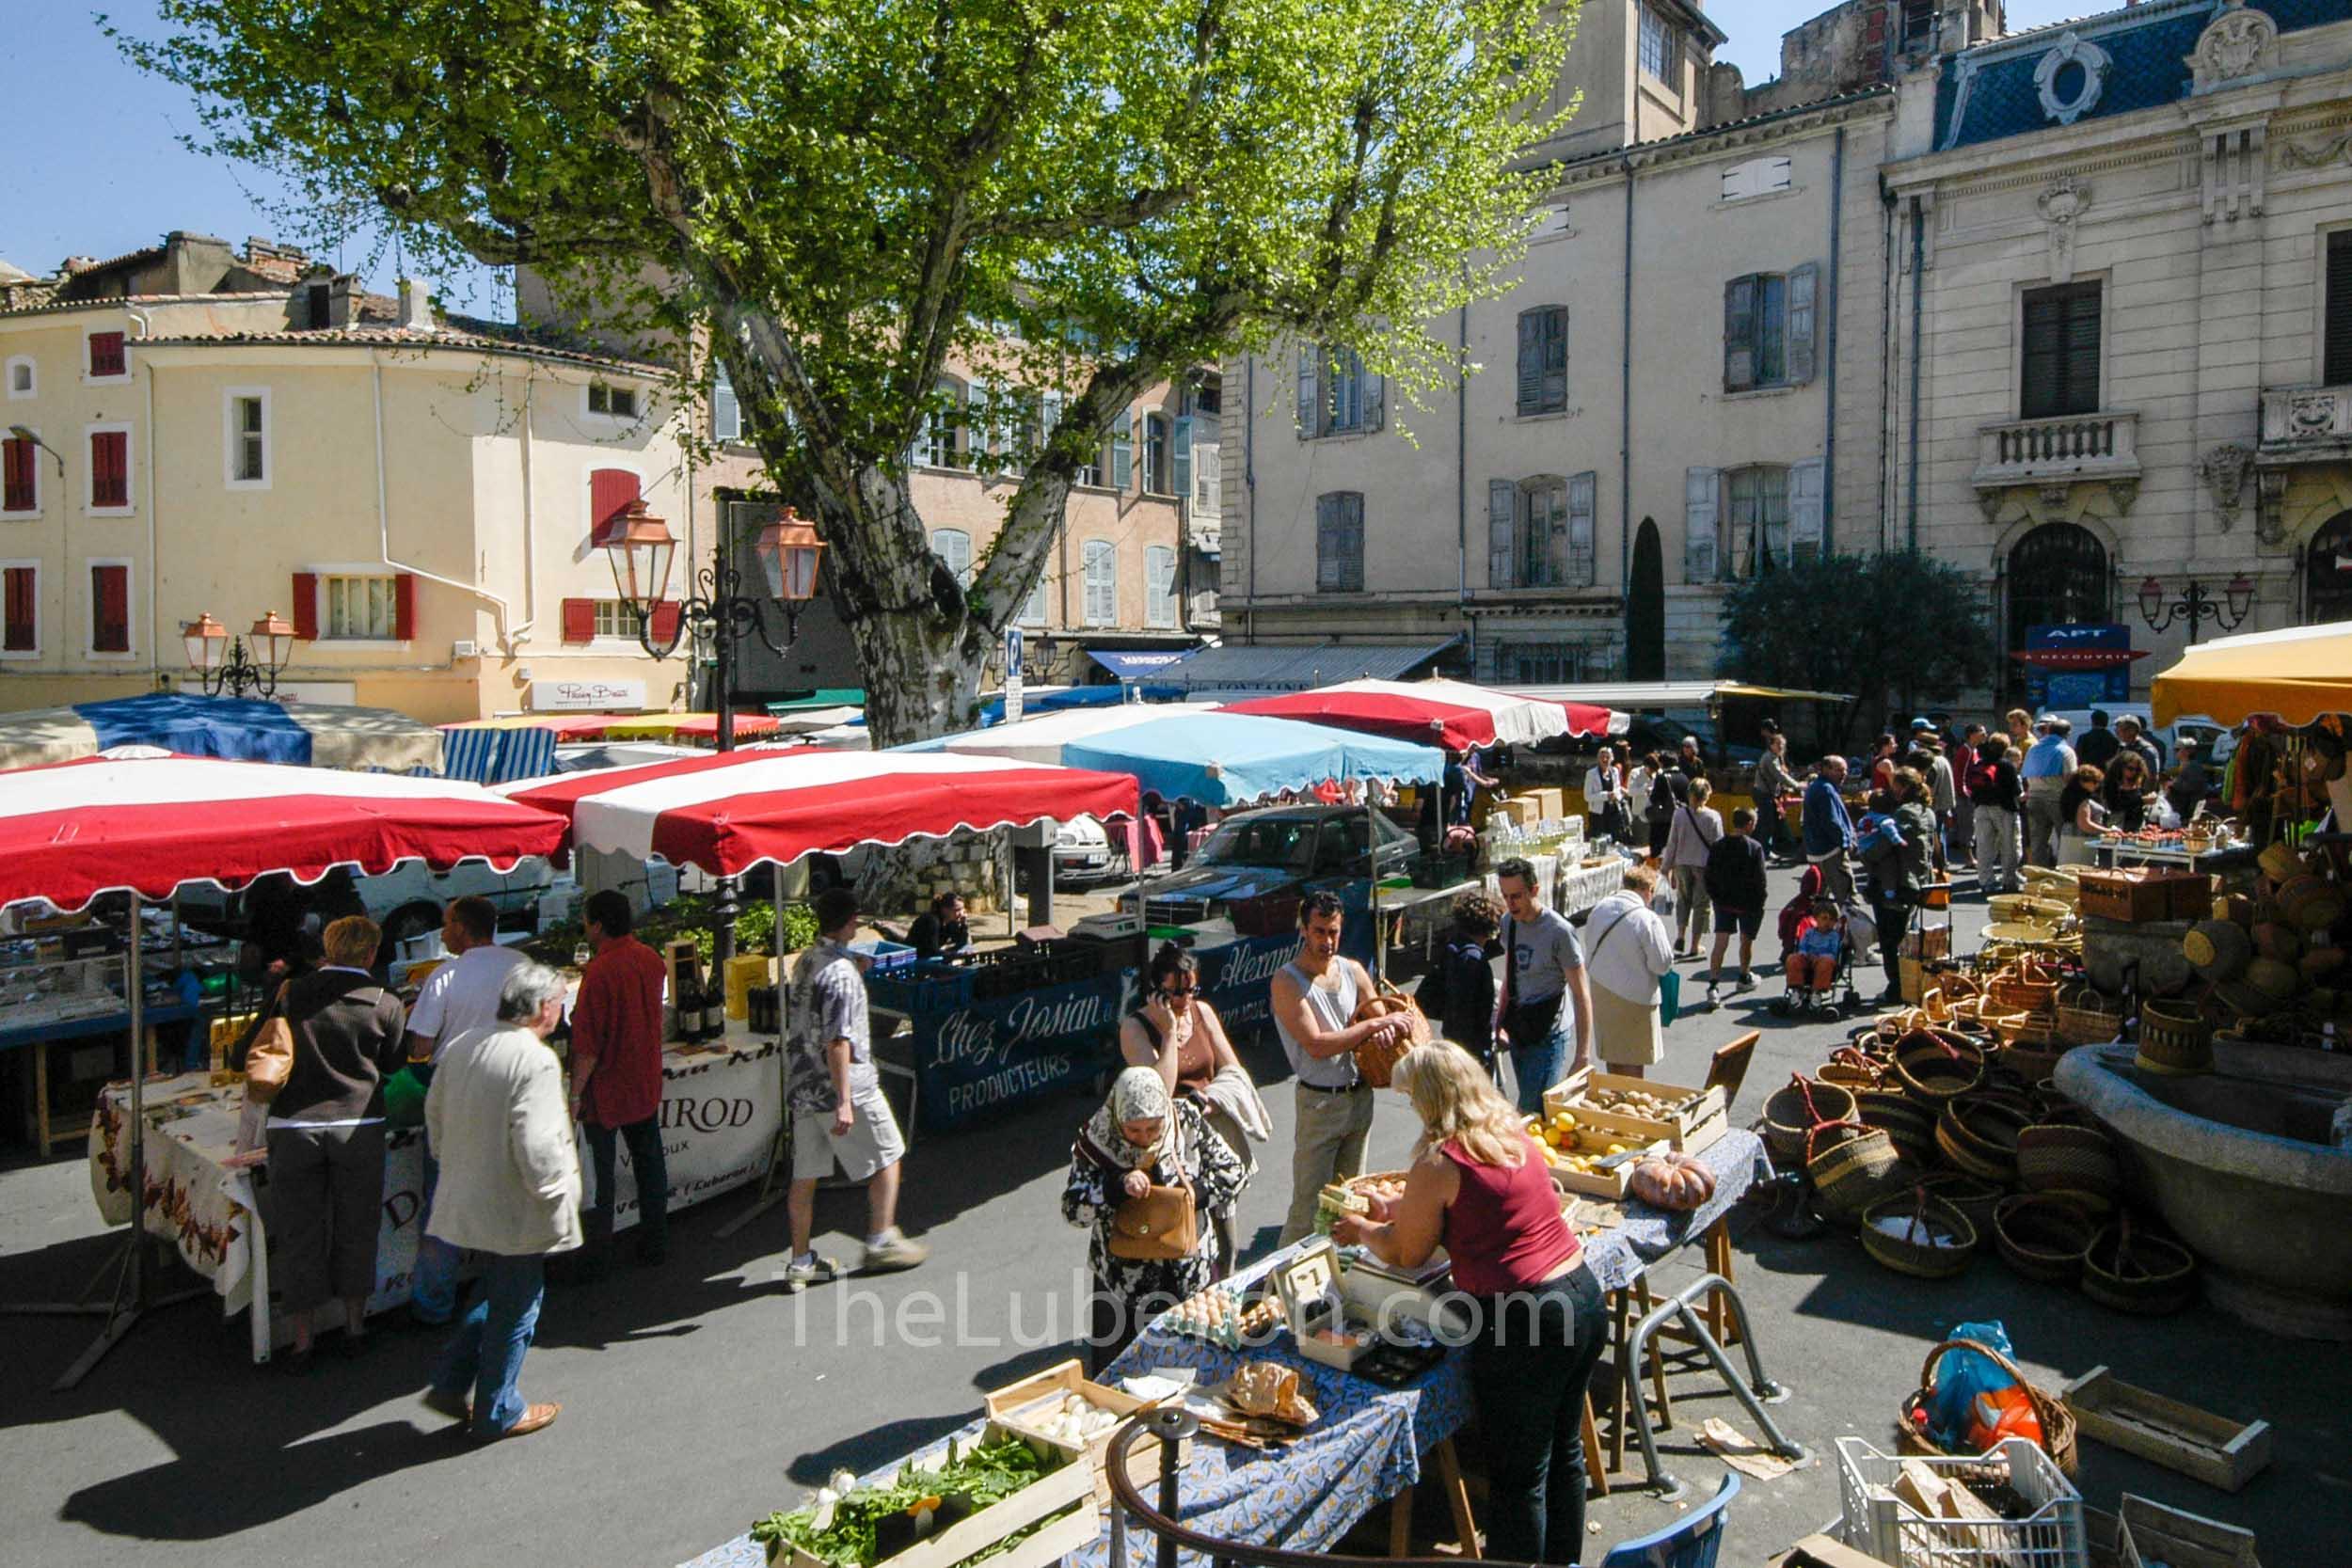 Pretty square at Apt market